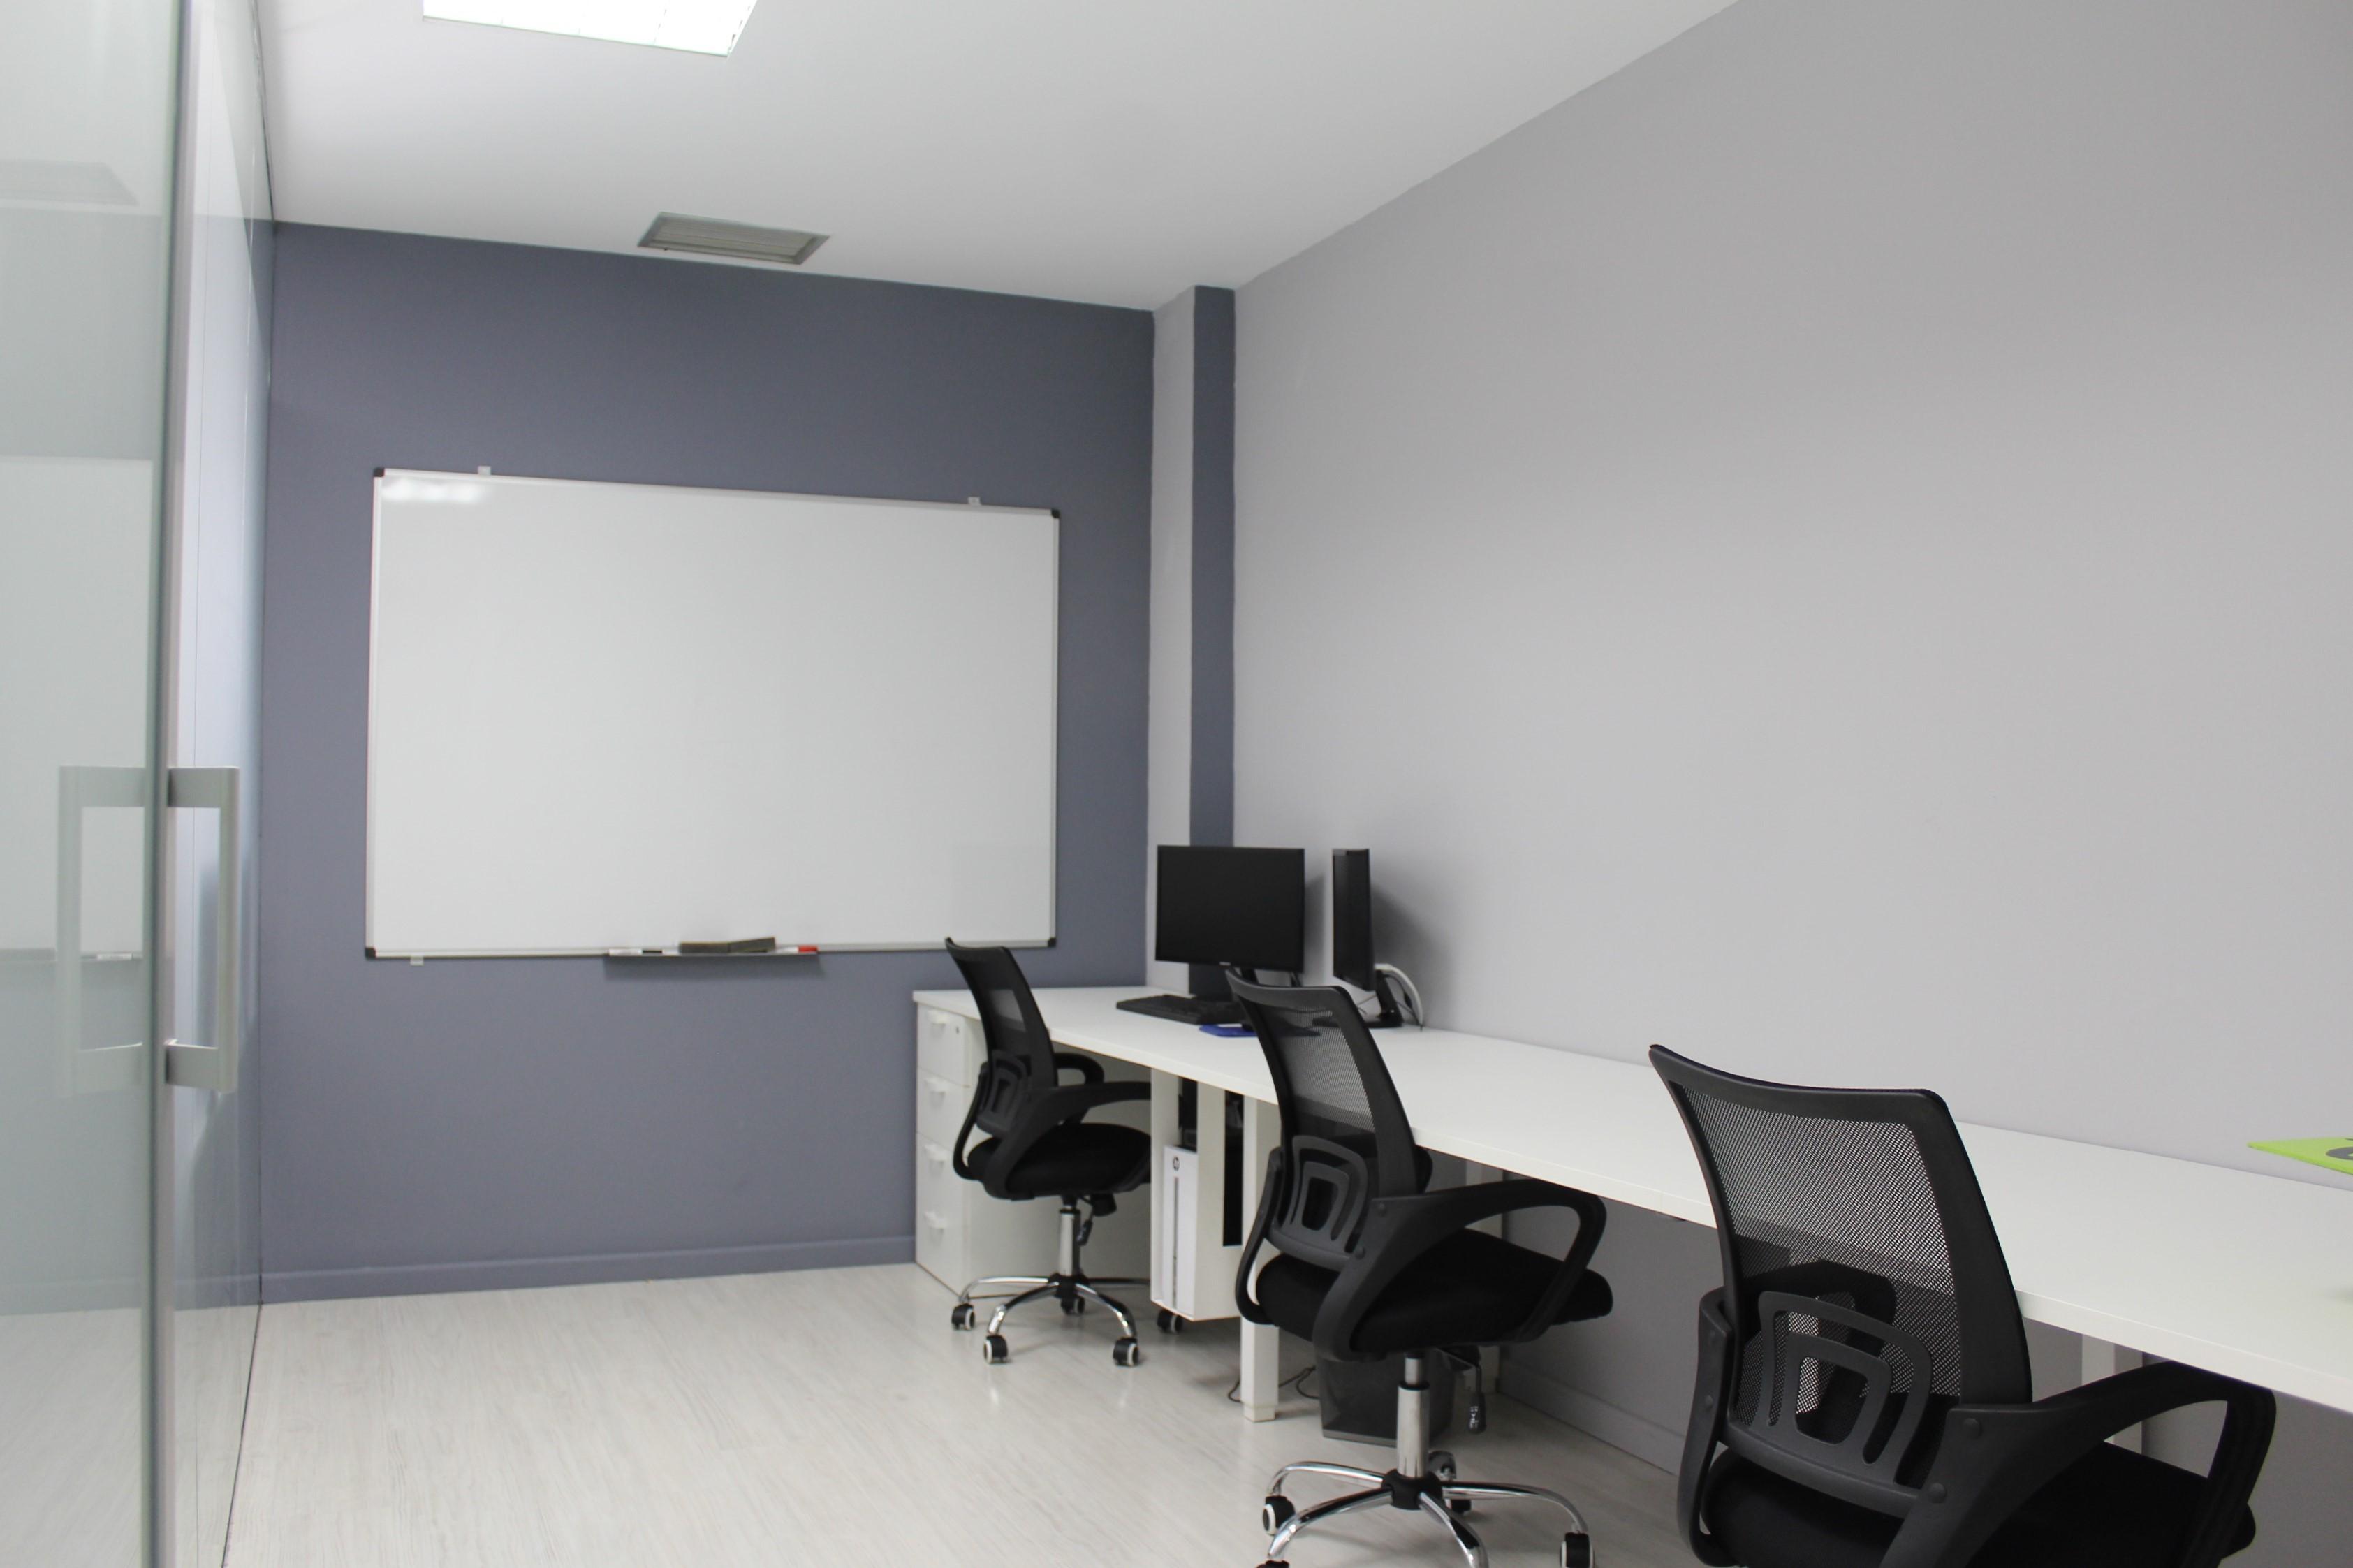 Oficina 1 - Nuestras Instalaciones